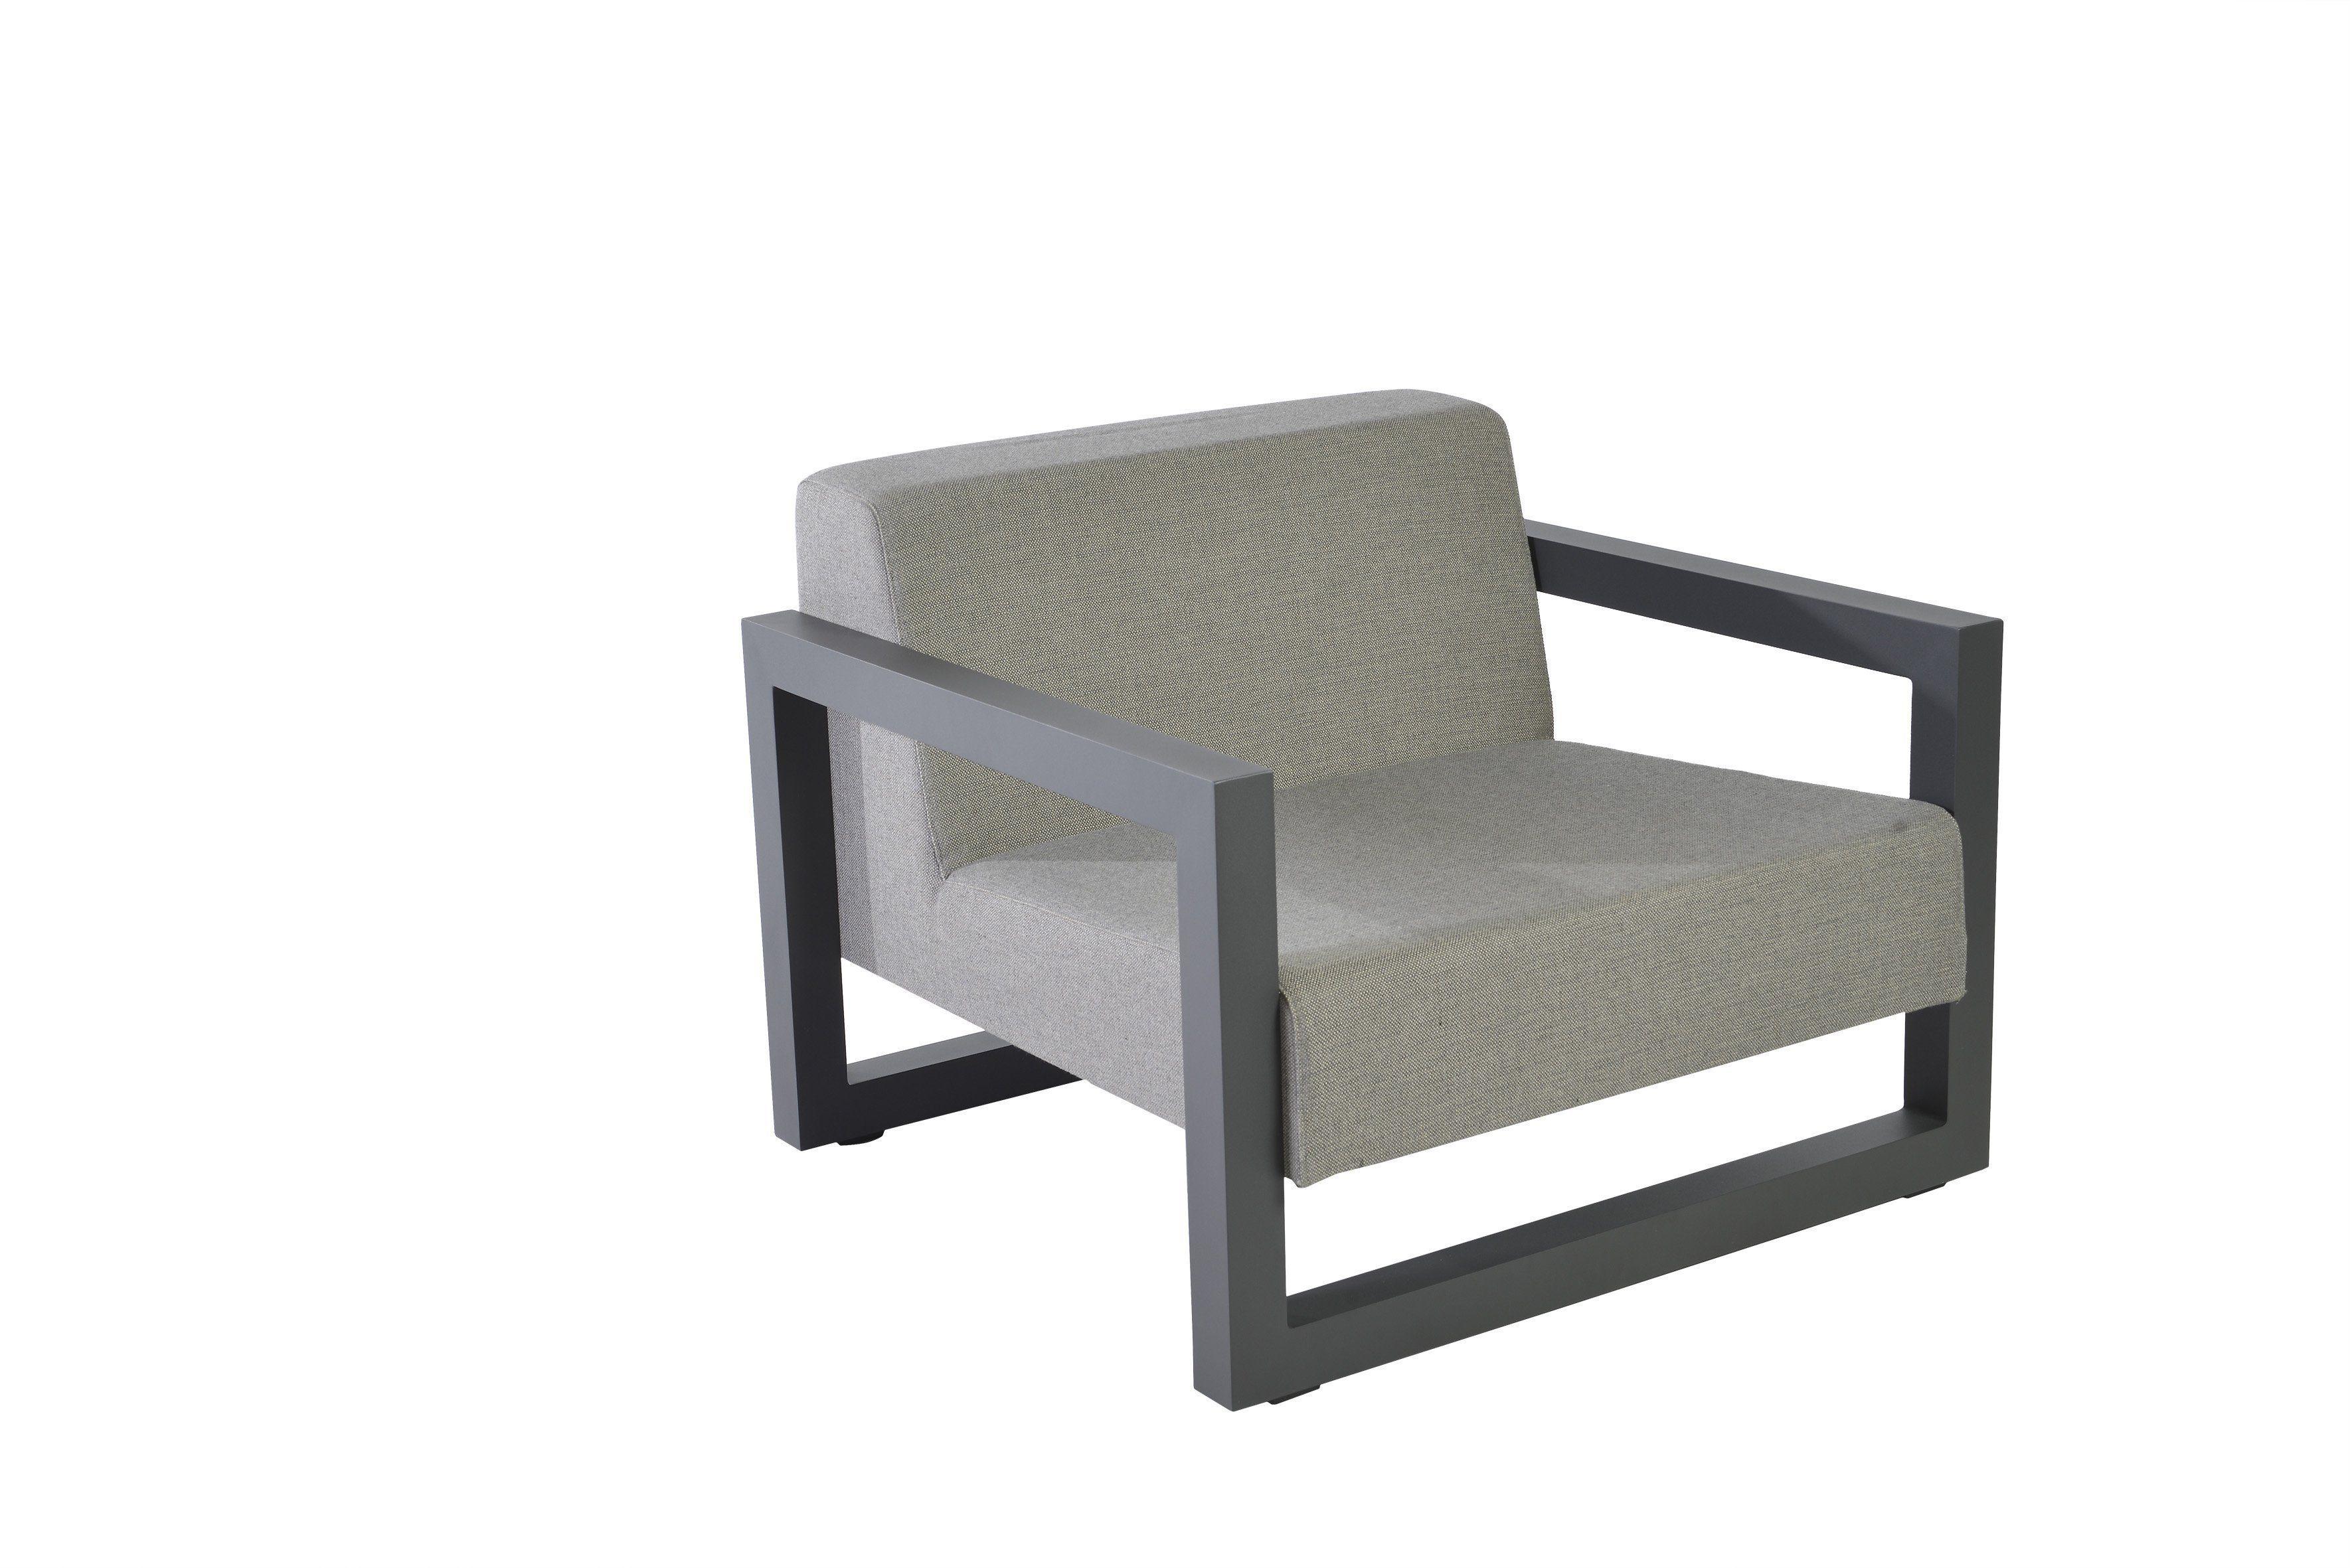 Borek - Bergen lage fauteuil - Remy Meijers   Bogarden Buitenmeubiliar